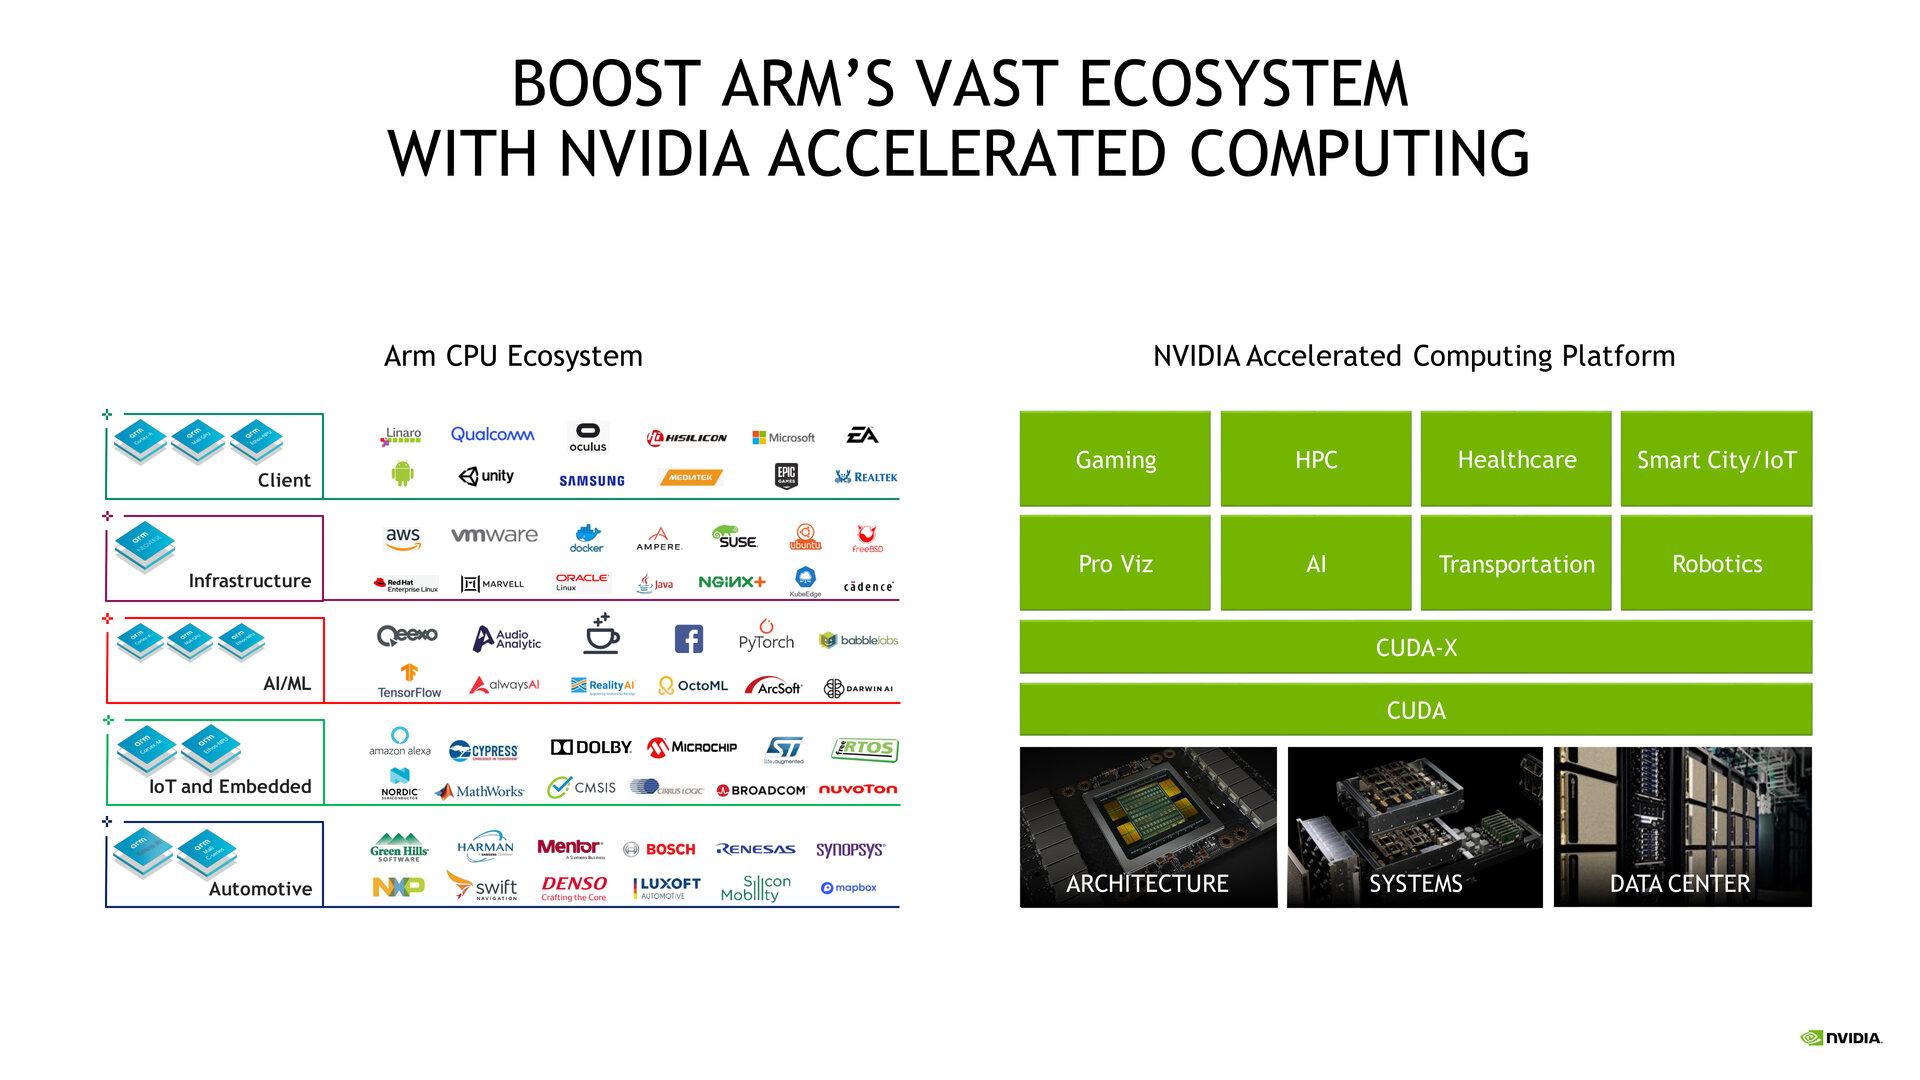 Bestehende ARM-Kunden können die Technologien von Nvidia nutzen